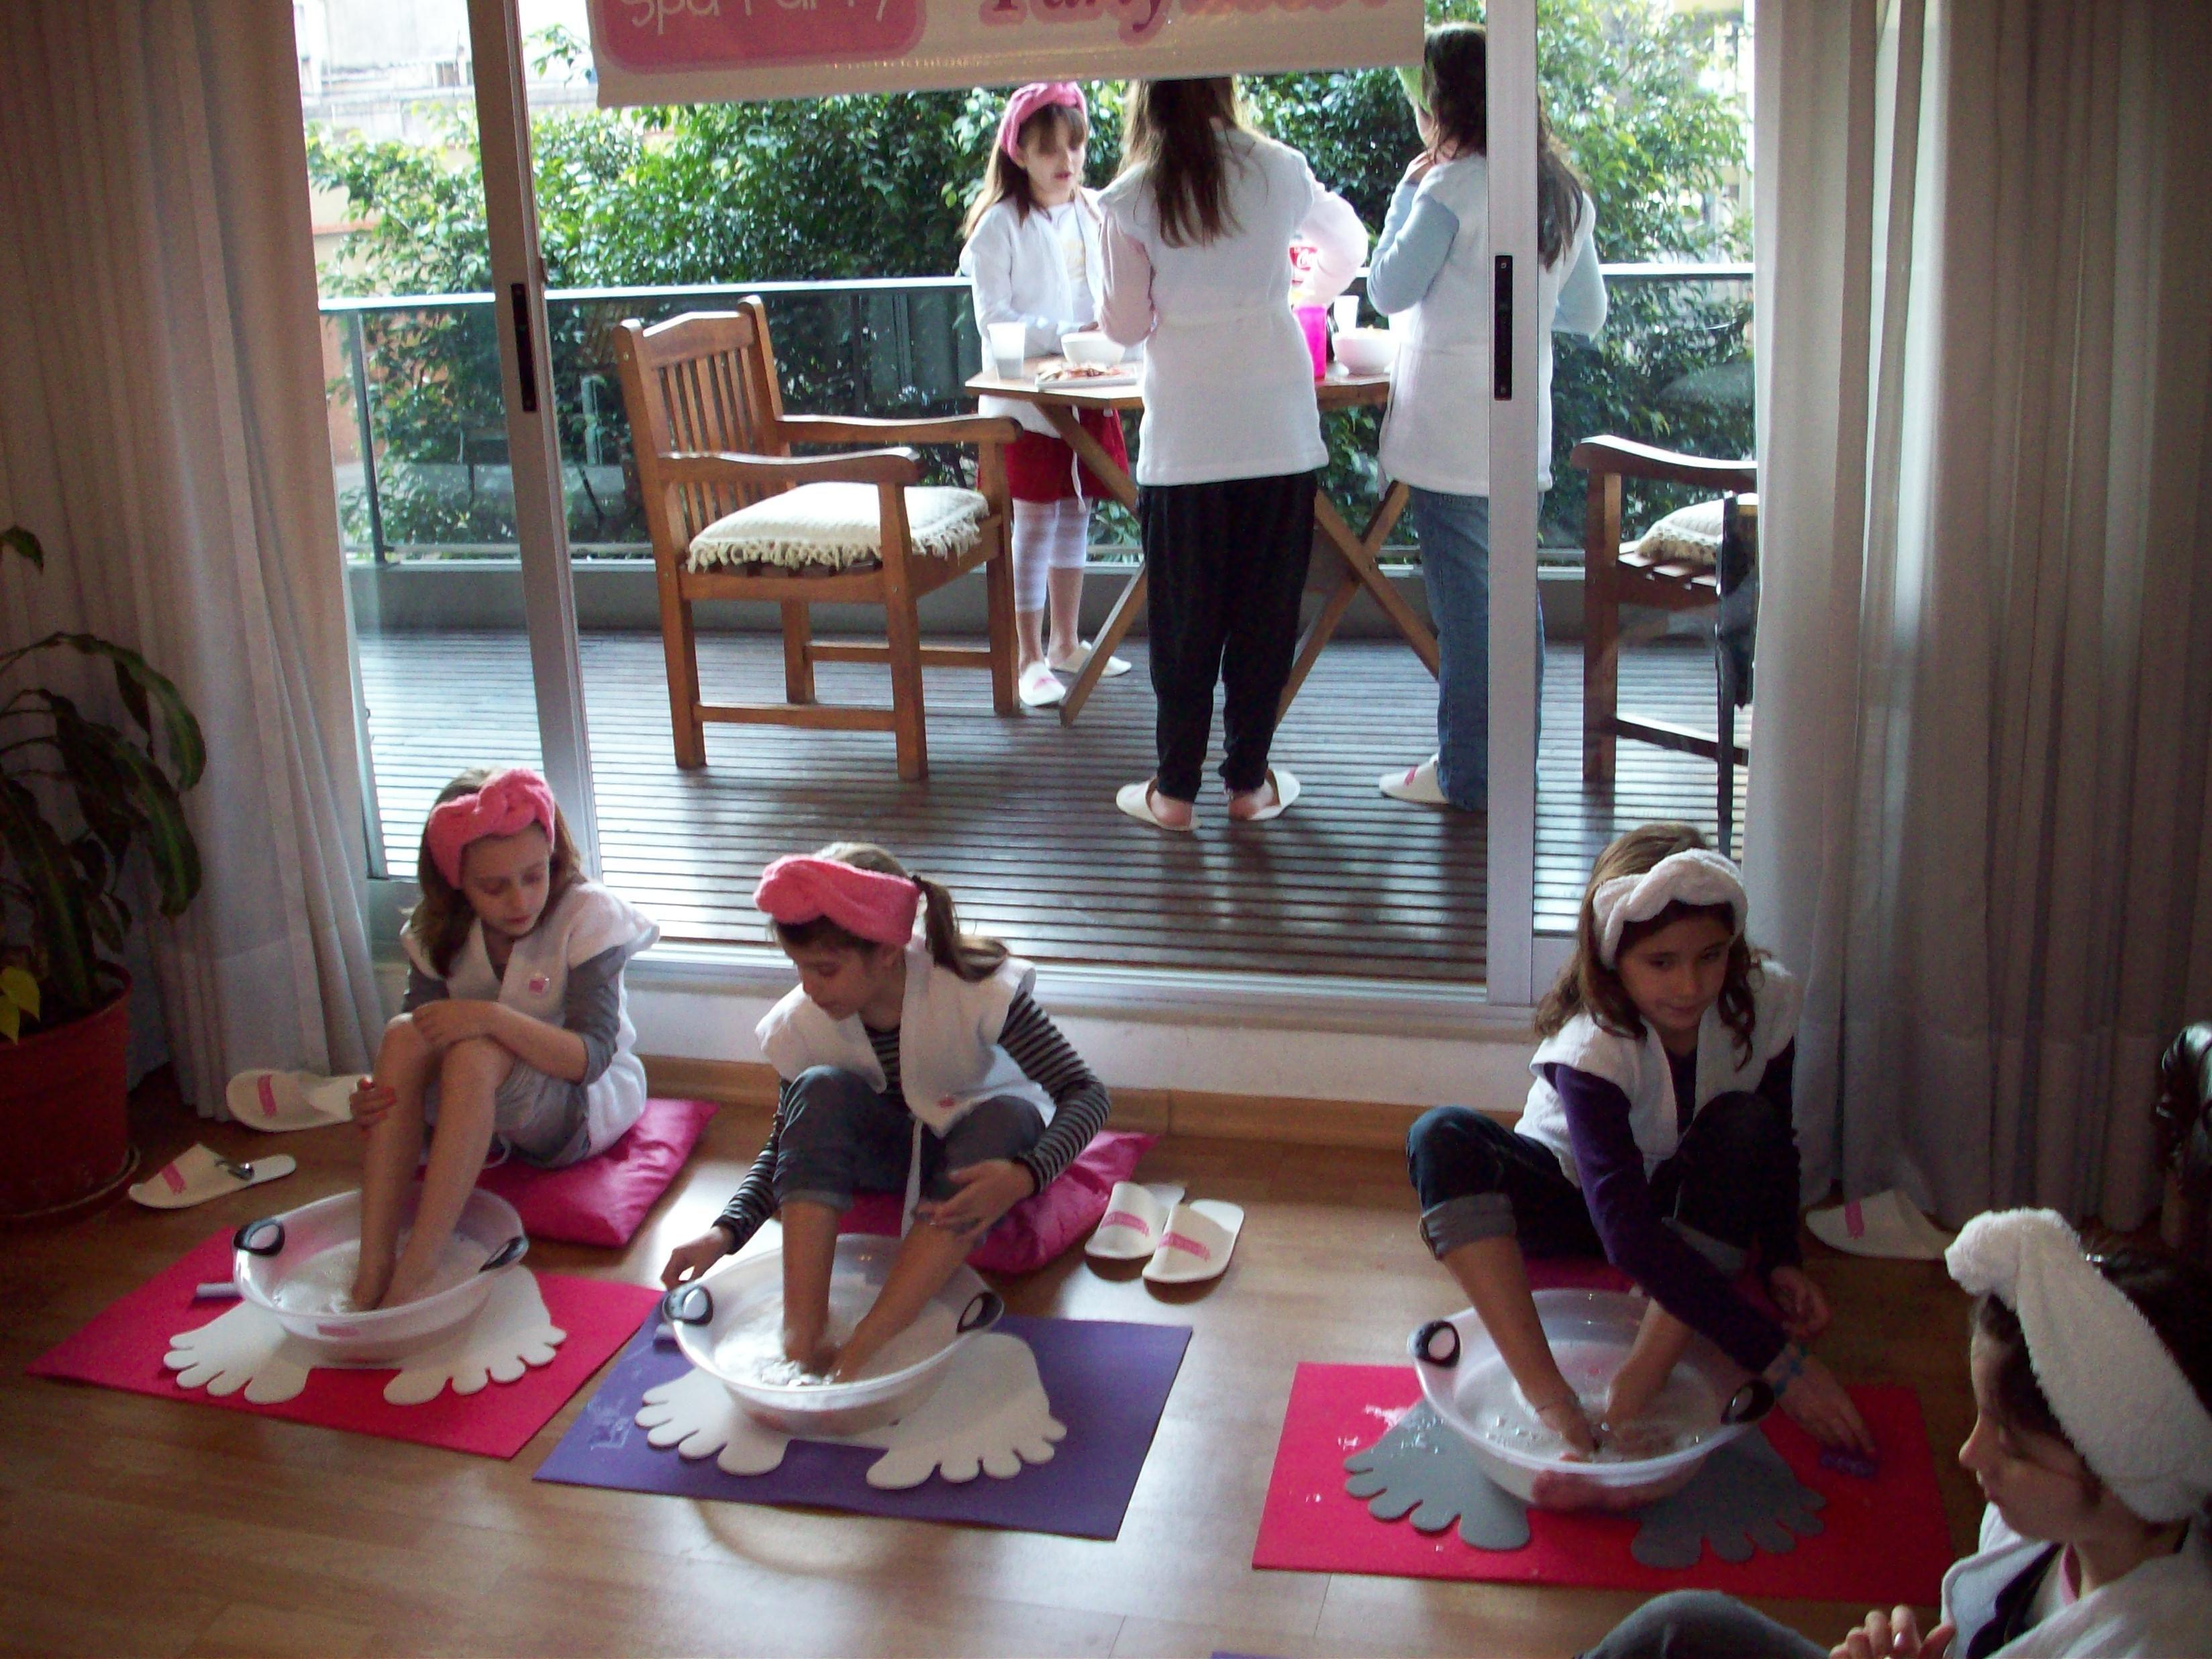 Fiestas para ni as y adolescentes de 6 a 12 a os girls for Decoracion cumpleanos nino 6 anos